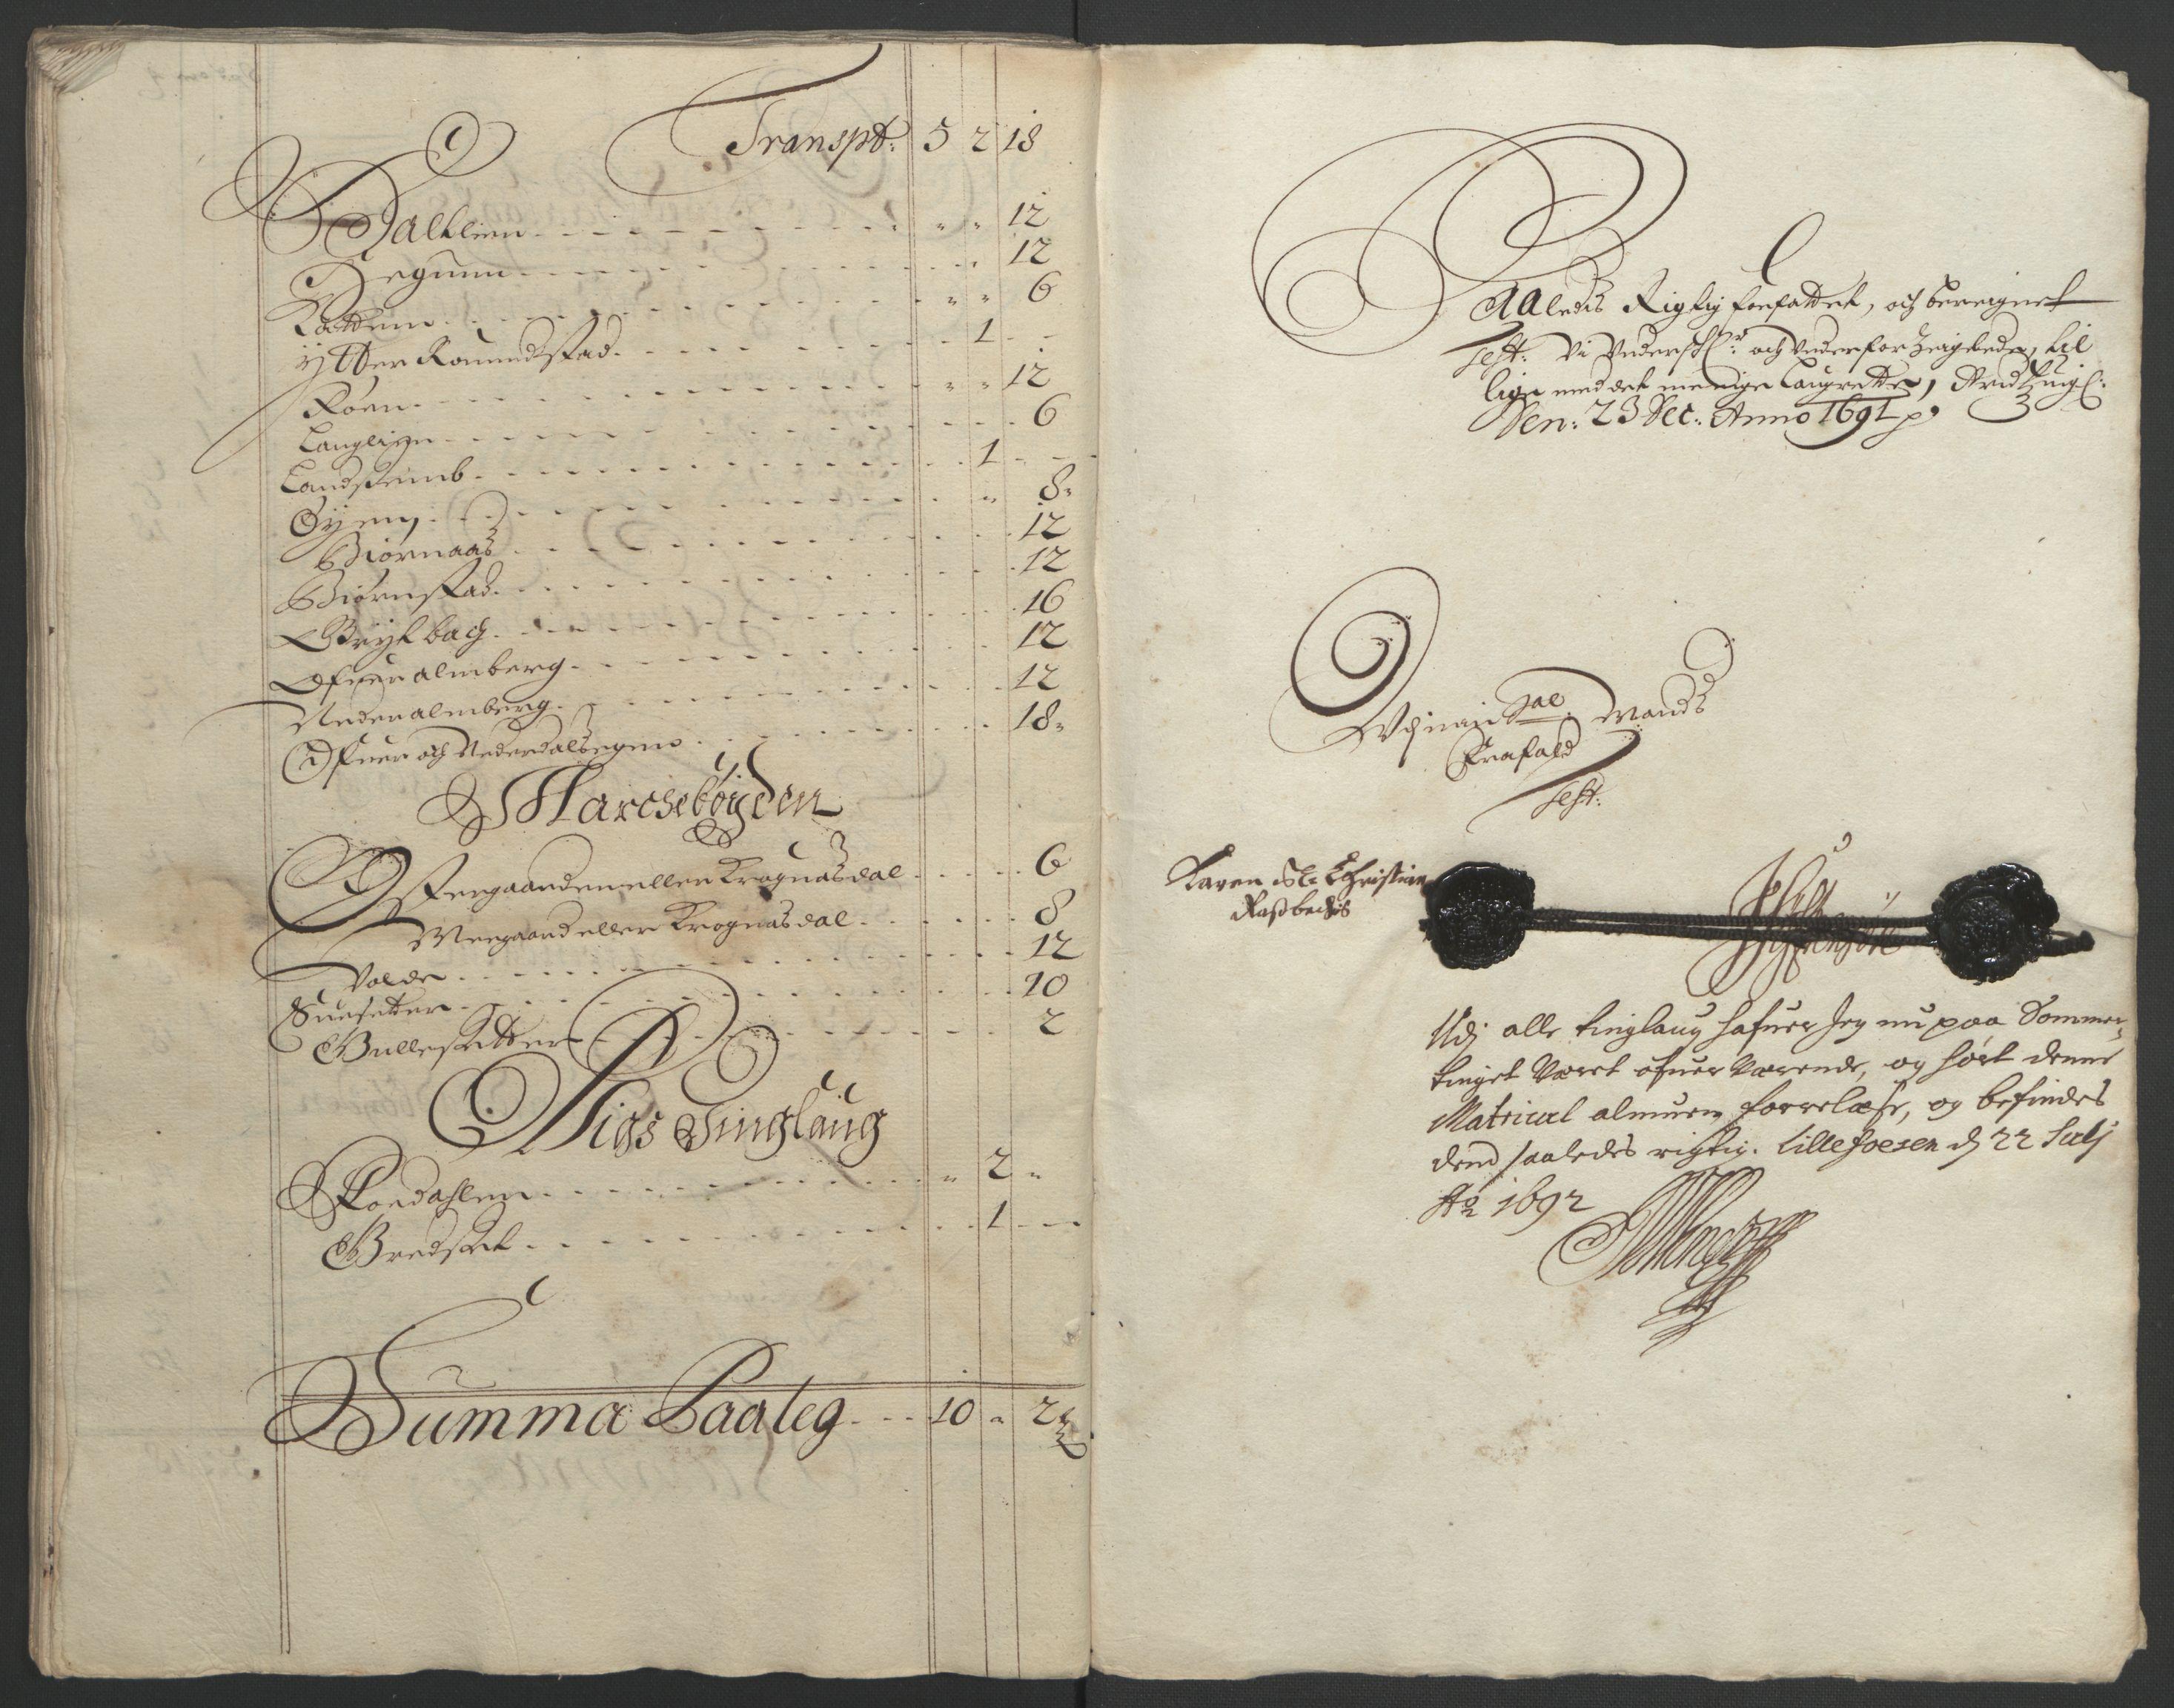 RA, Rentekammeret inntil 1814, Reviderte regnskaper, Fogderegnskap, R56/L3734: Fogderegnskap Nordmøre, 1690-1691, s. 283